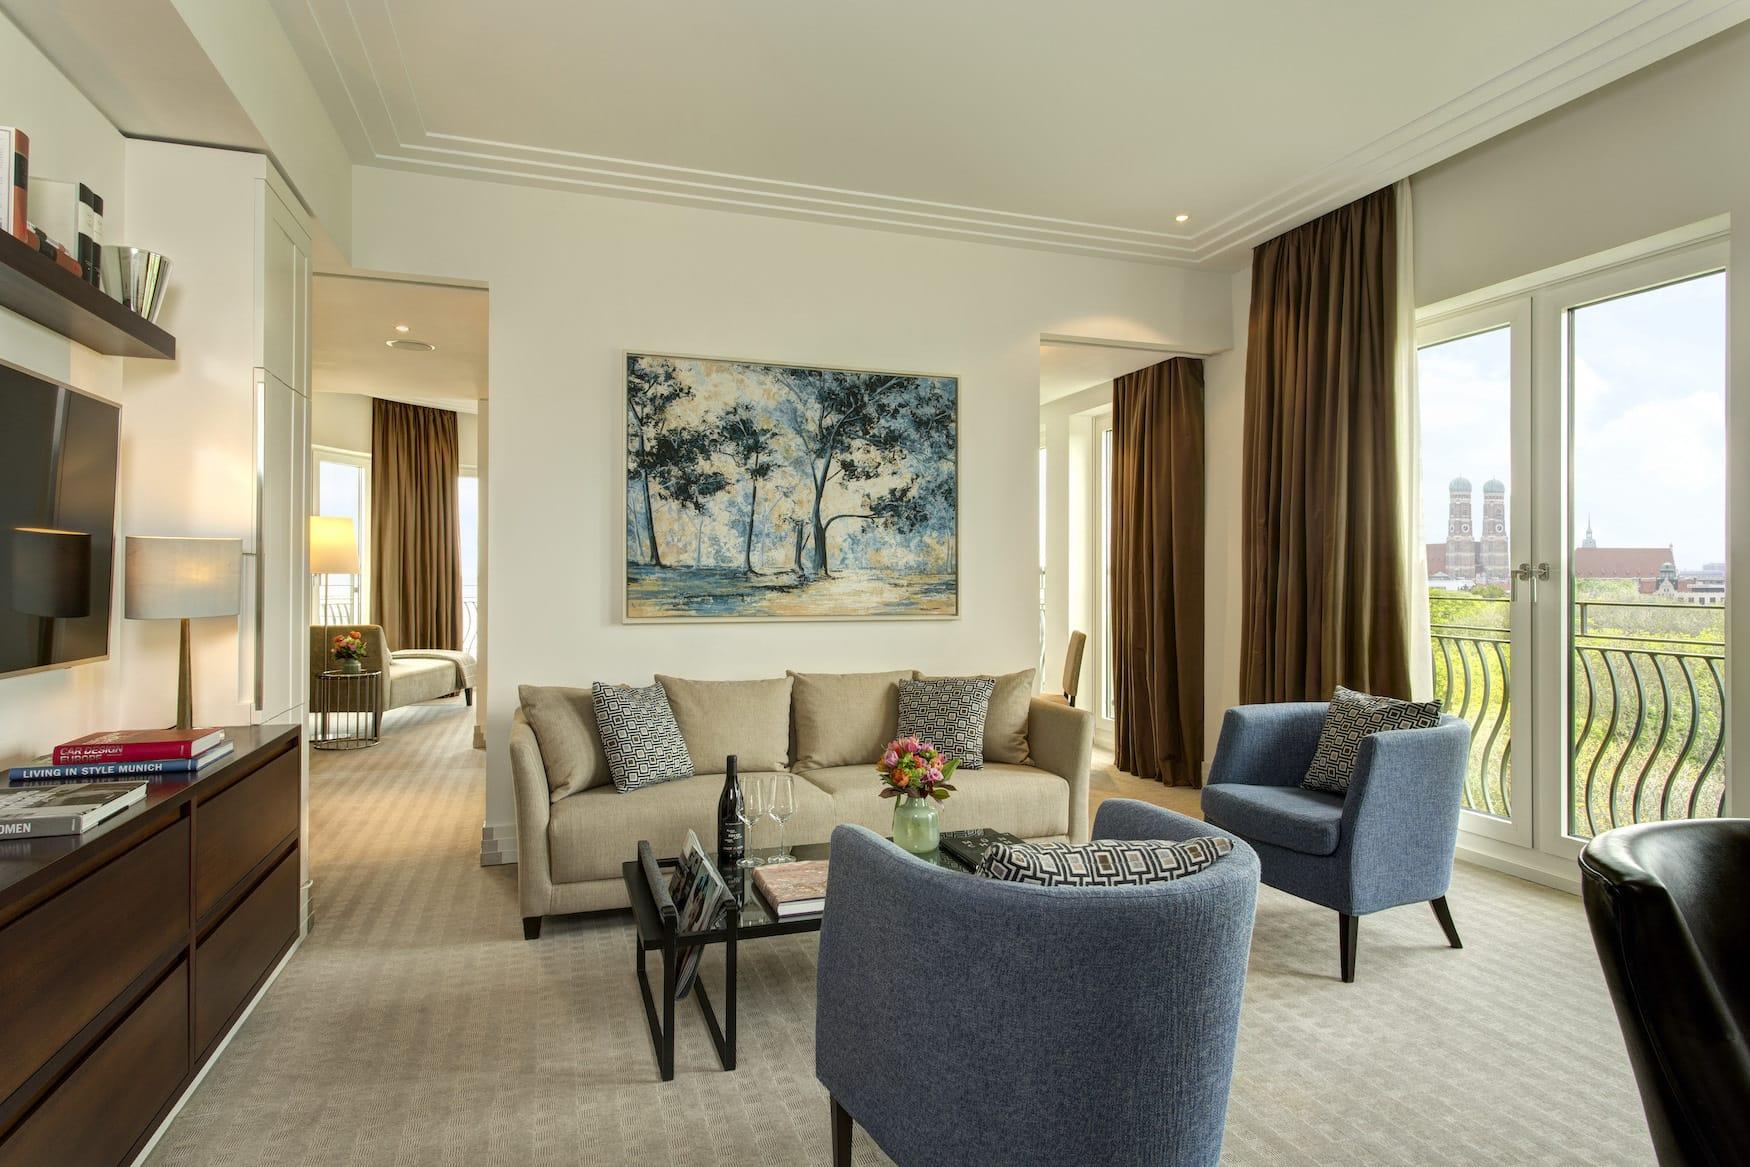 Executive Suite in einem Grandhotel in München